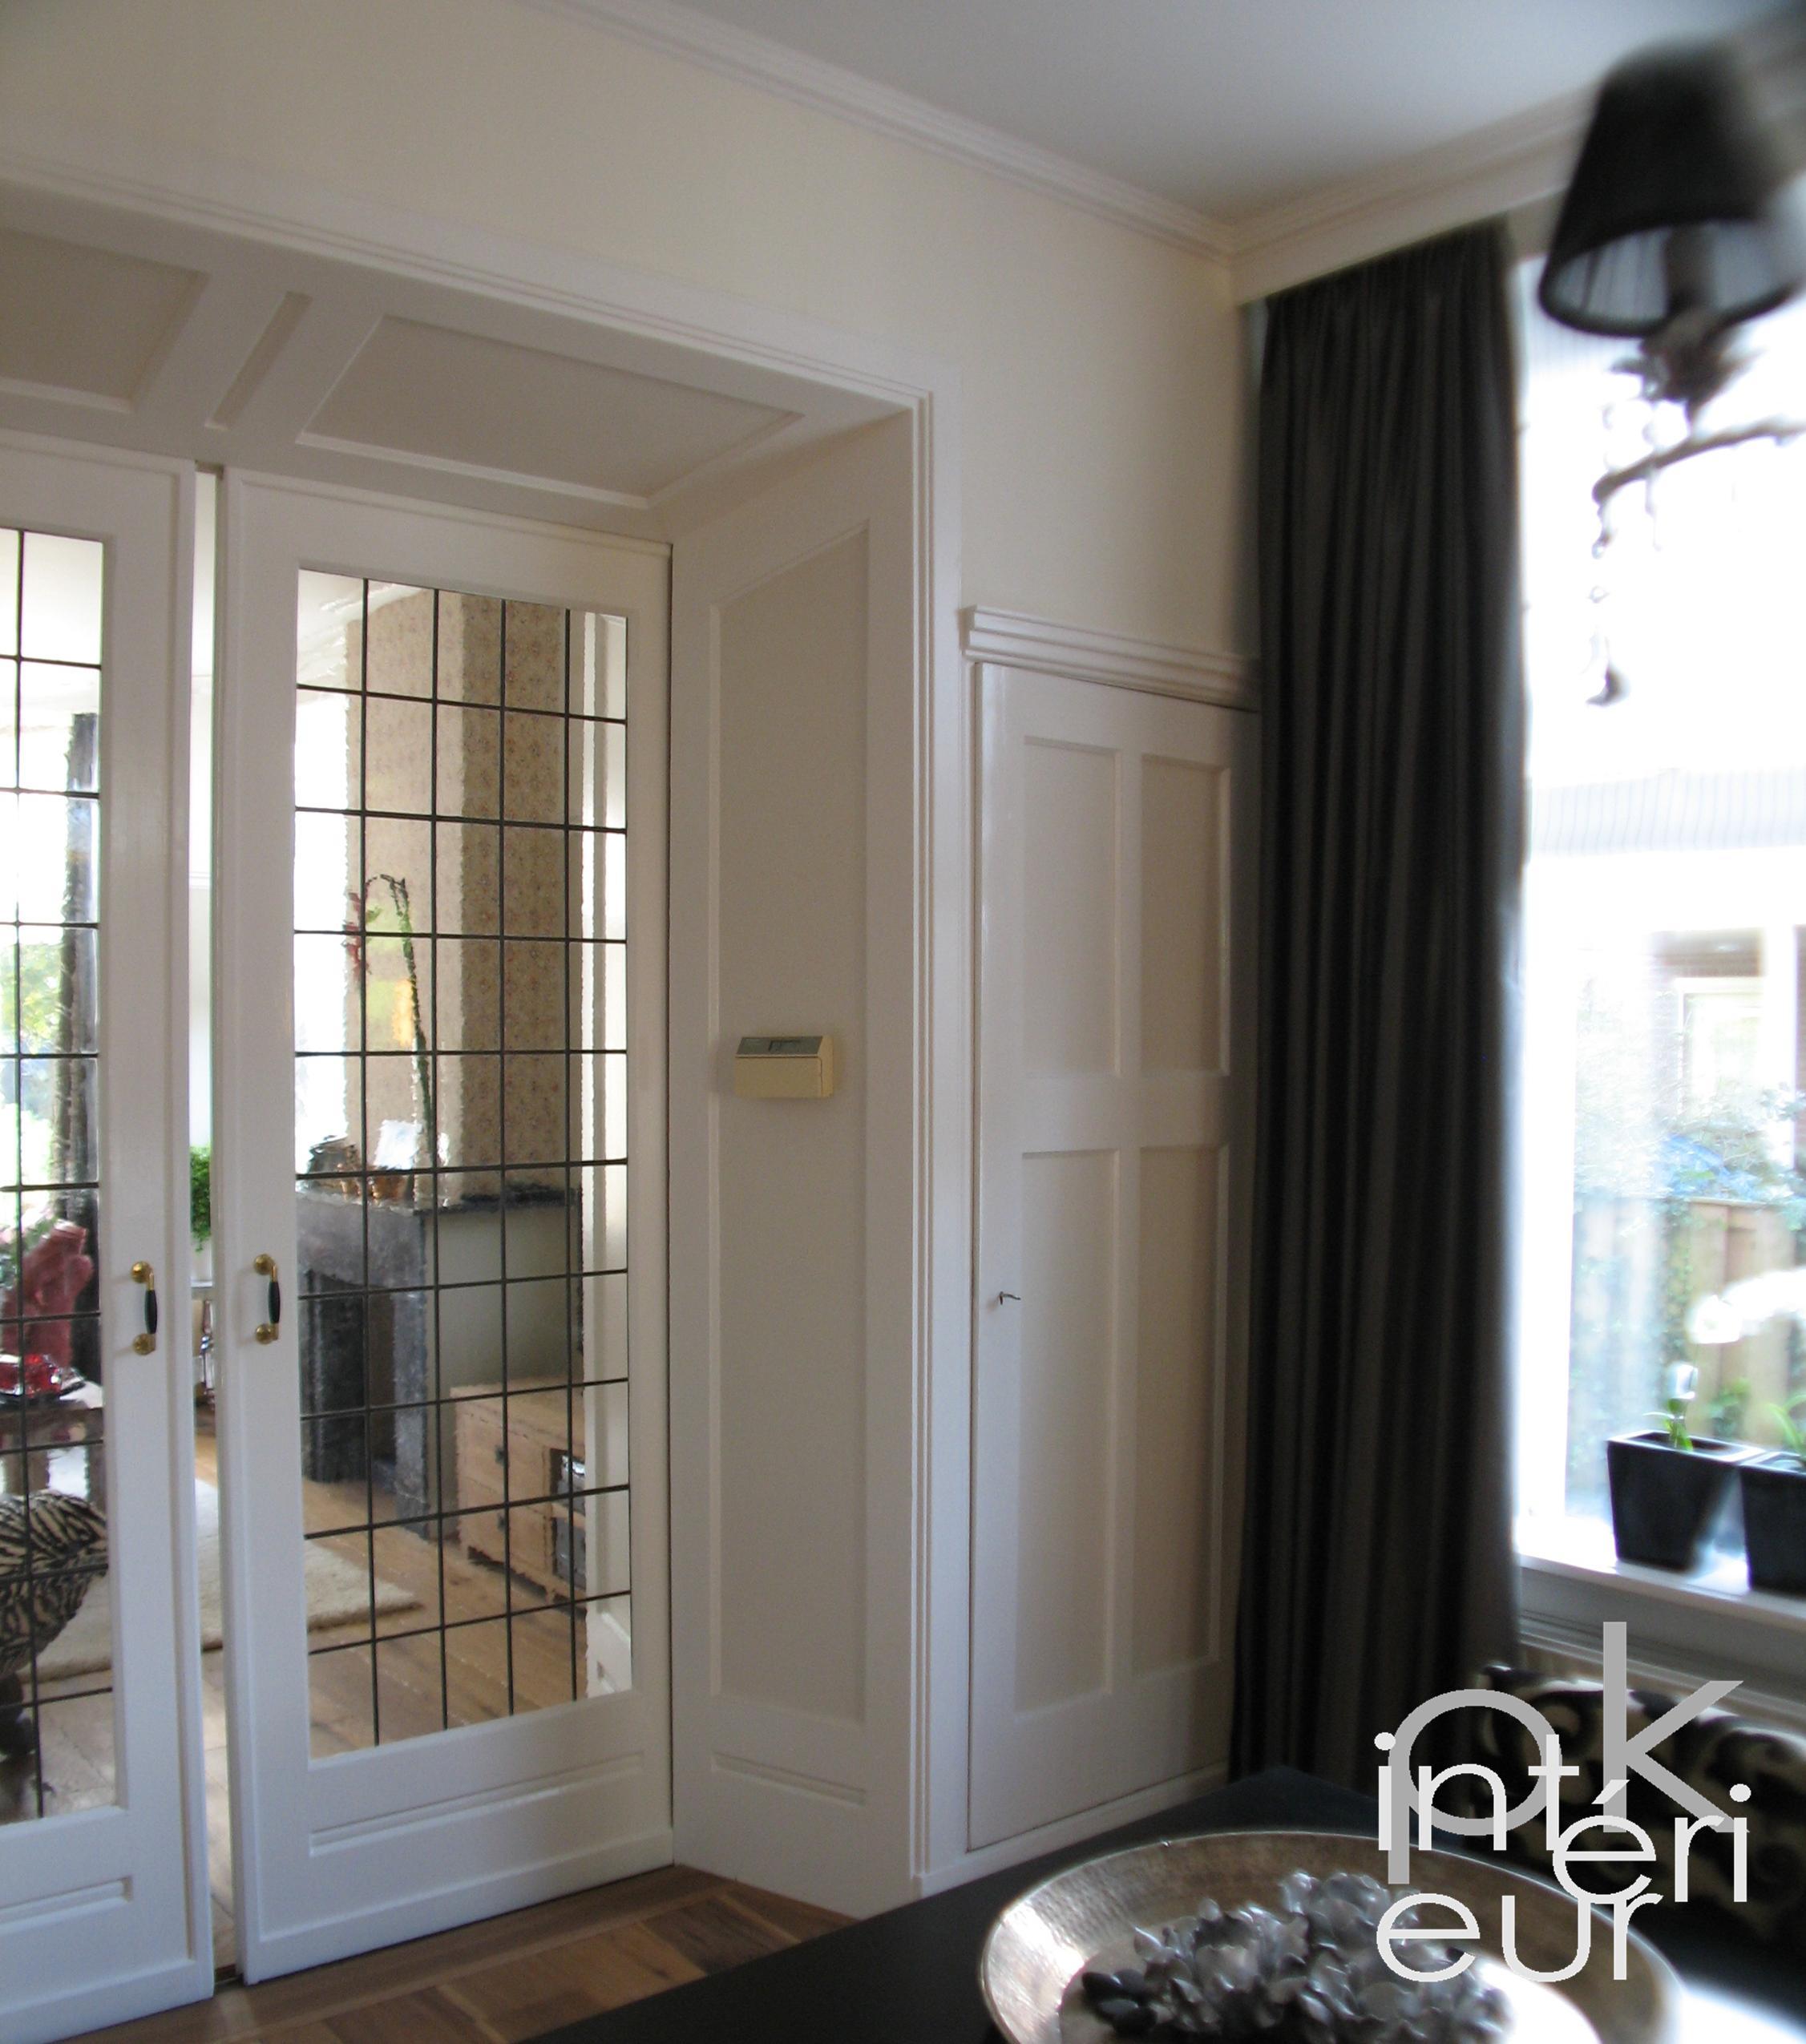 conseil d int rieur et d coration de maison 1930 salon salle manger et cuisine pk. Black Bedroom Furniture Sets. Home Design Ideas